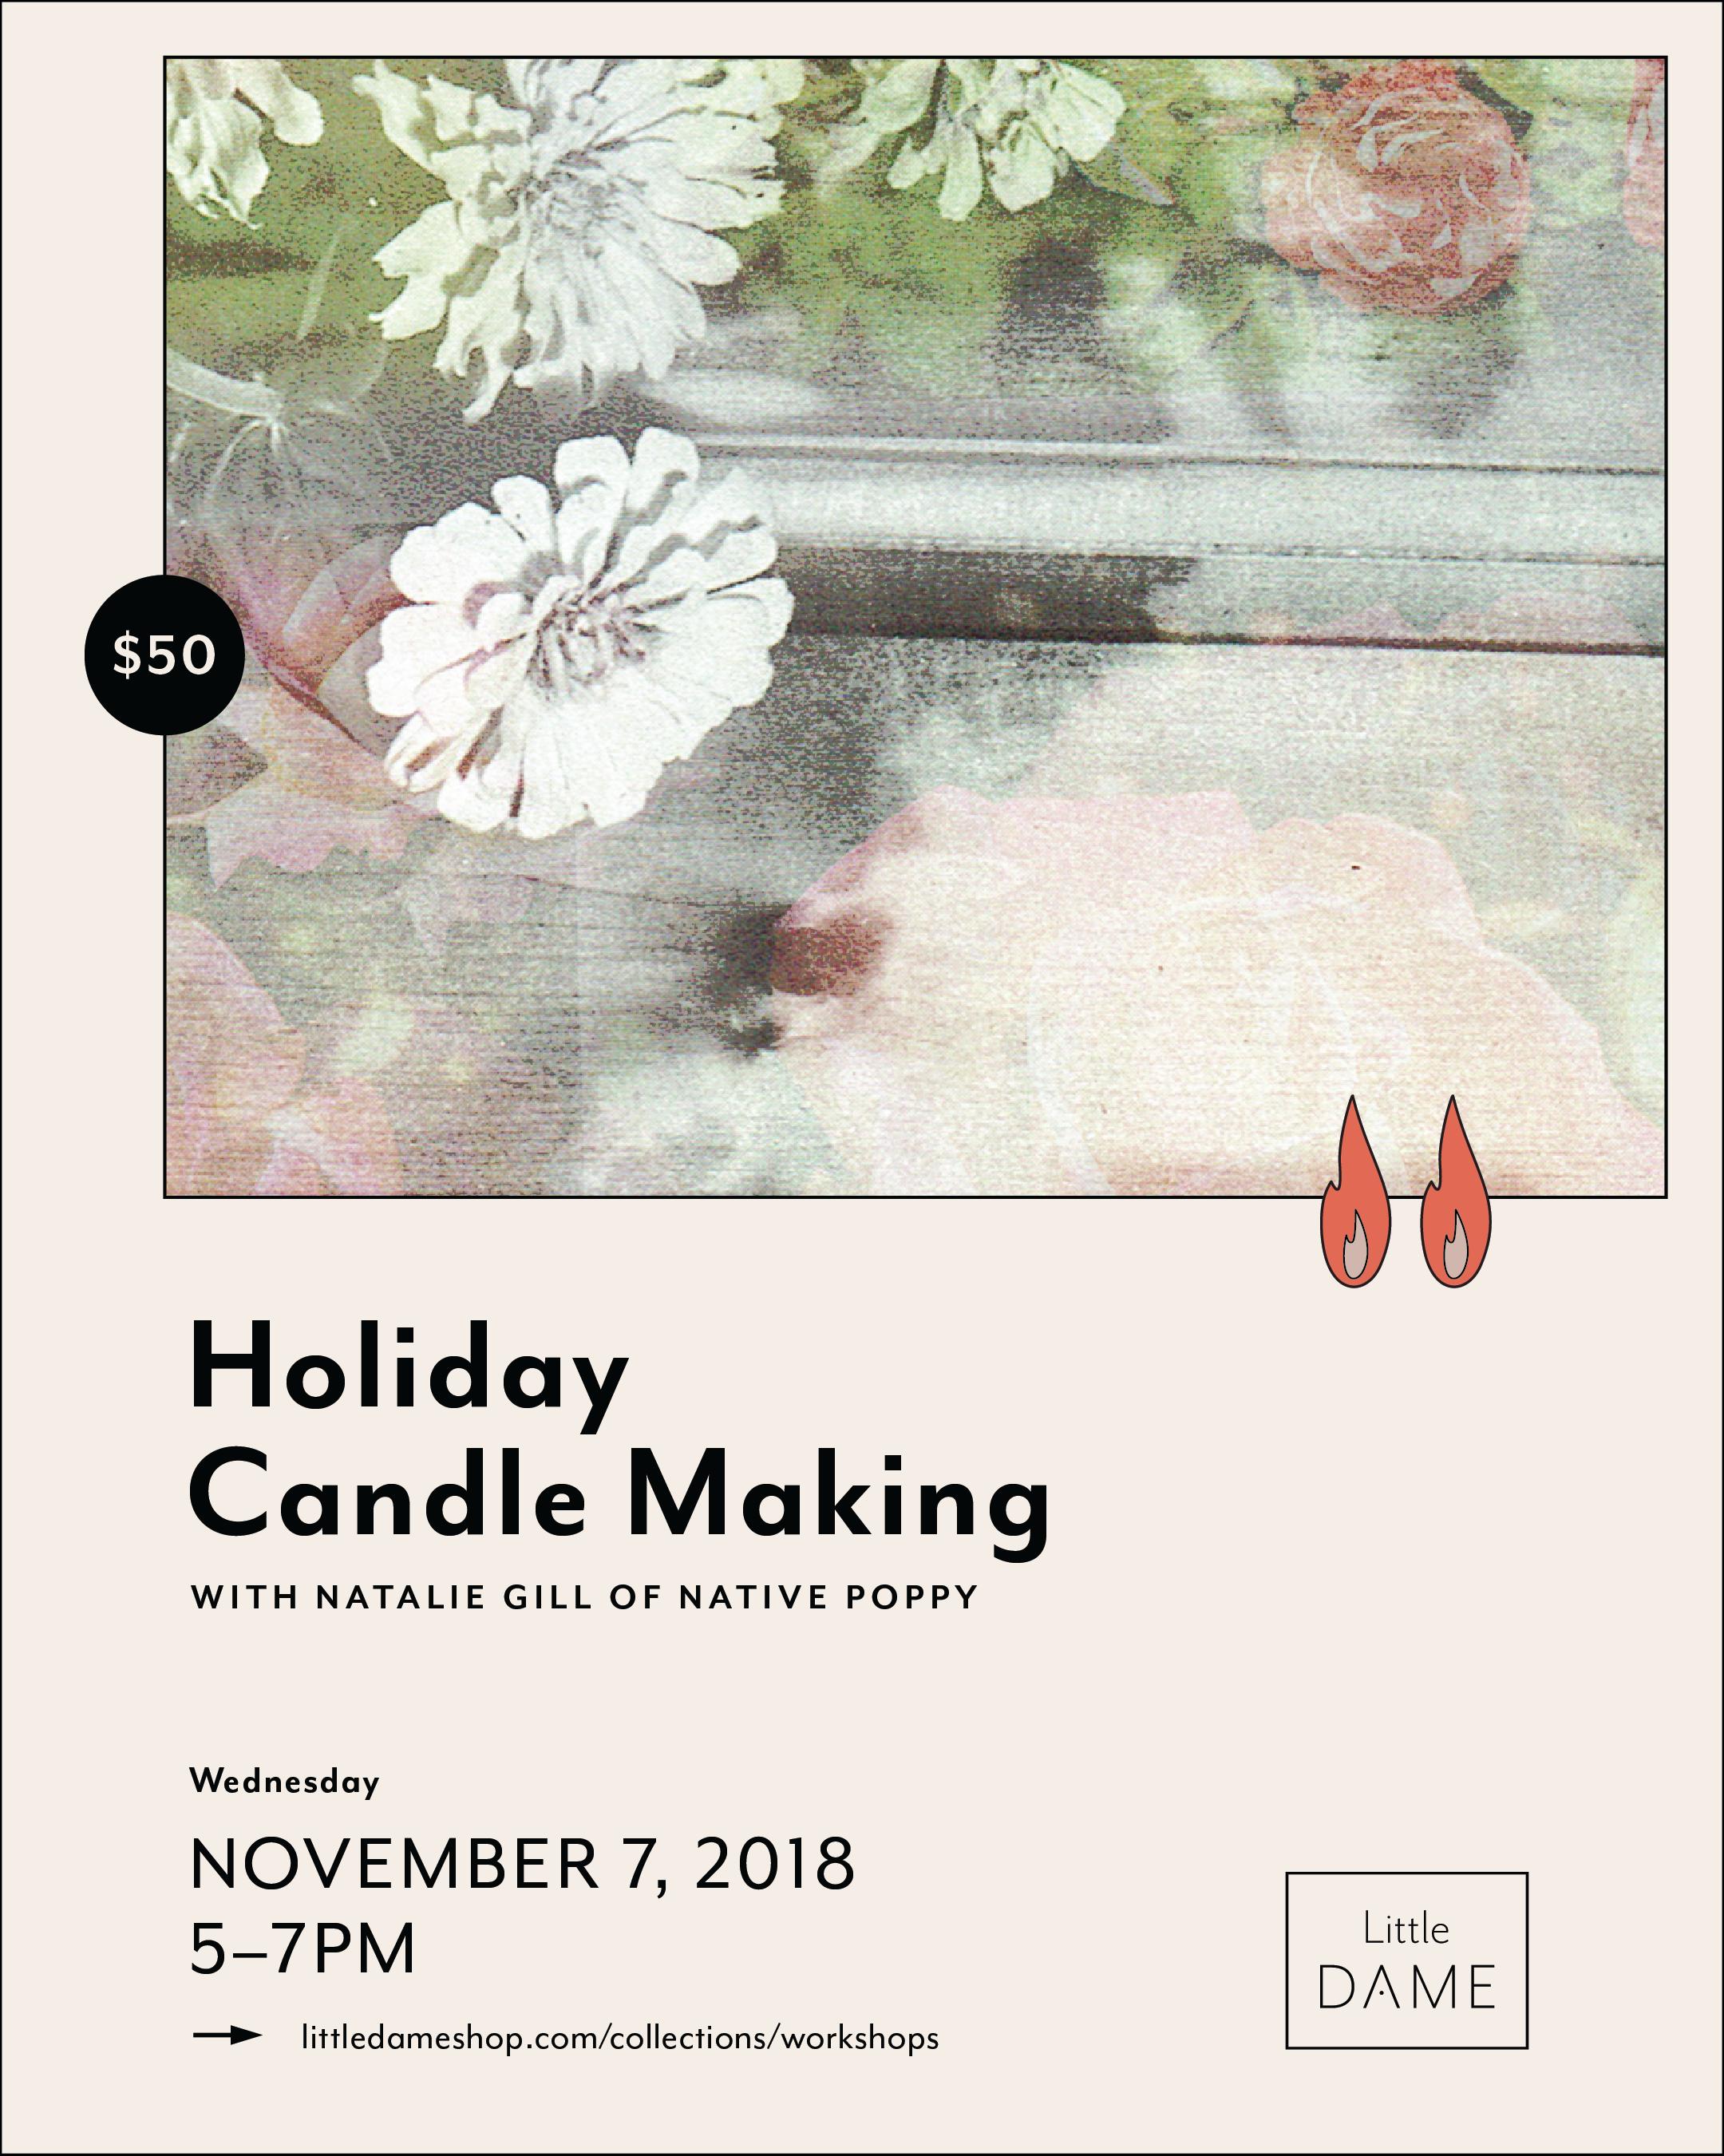 Little Dame Shop   Natalie Gill Candle Making Workshop   Flyer